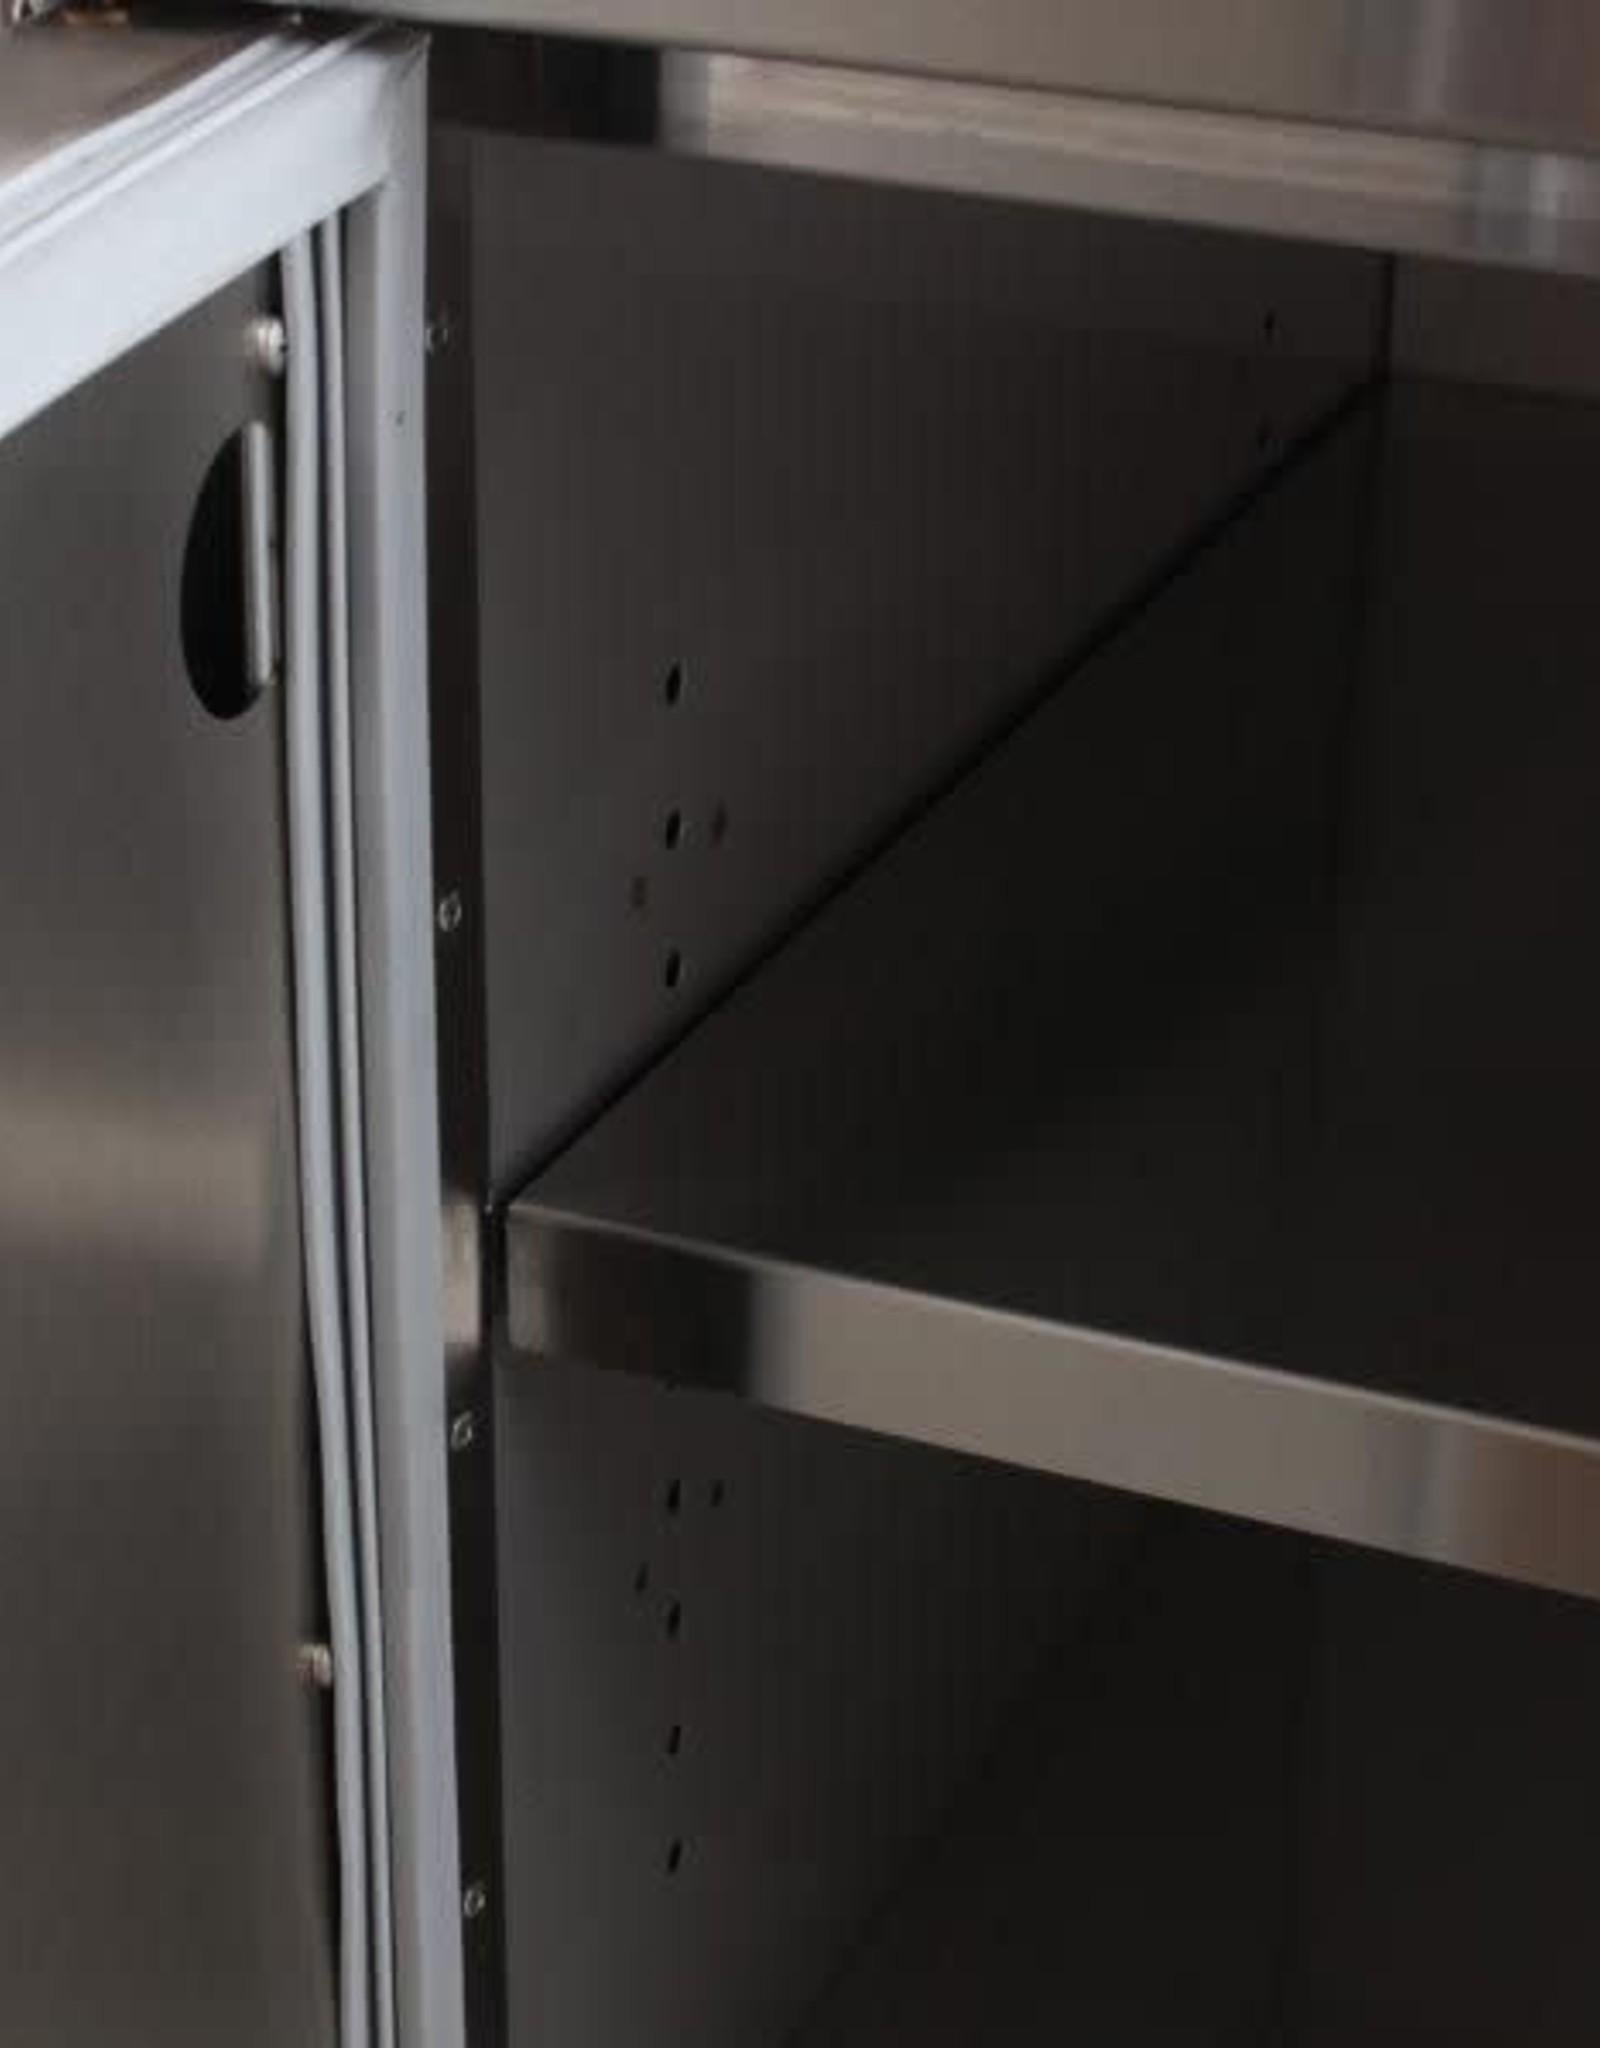 Blaze Outdoor Products Blaze Dry Storage Cabinet BLZ-DRY-STG